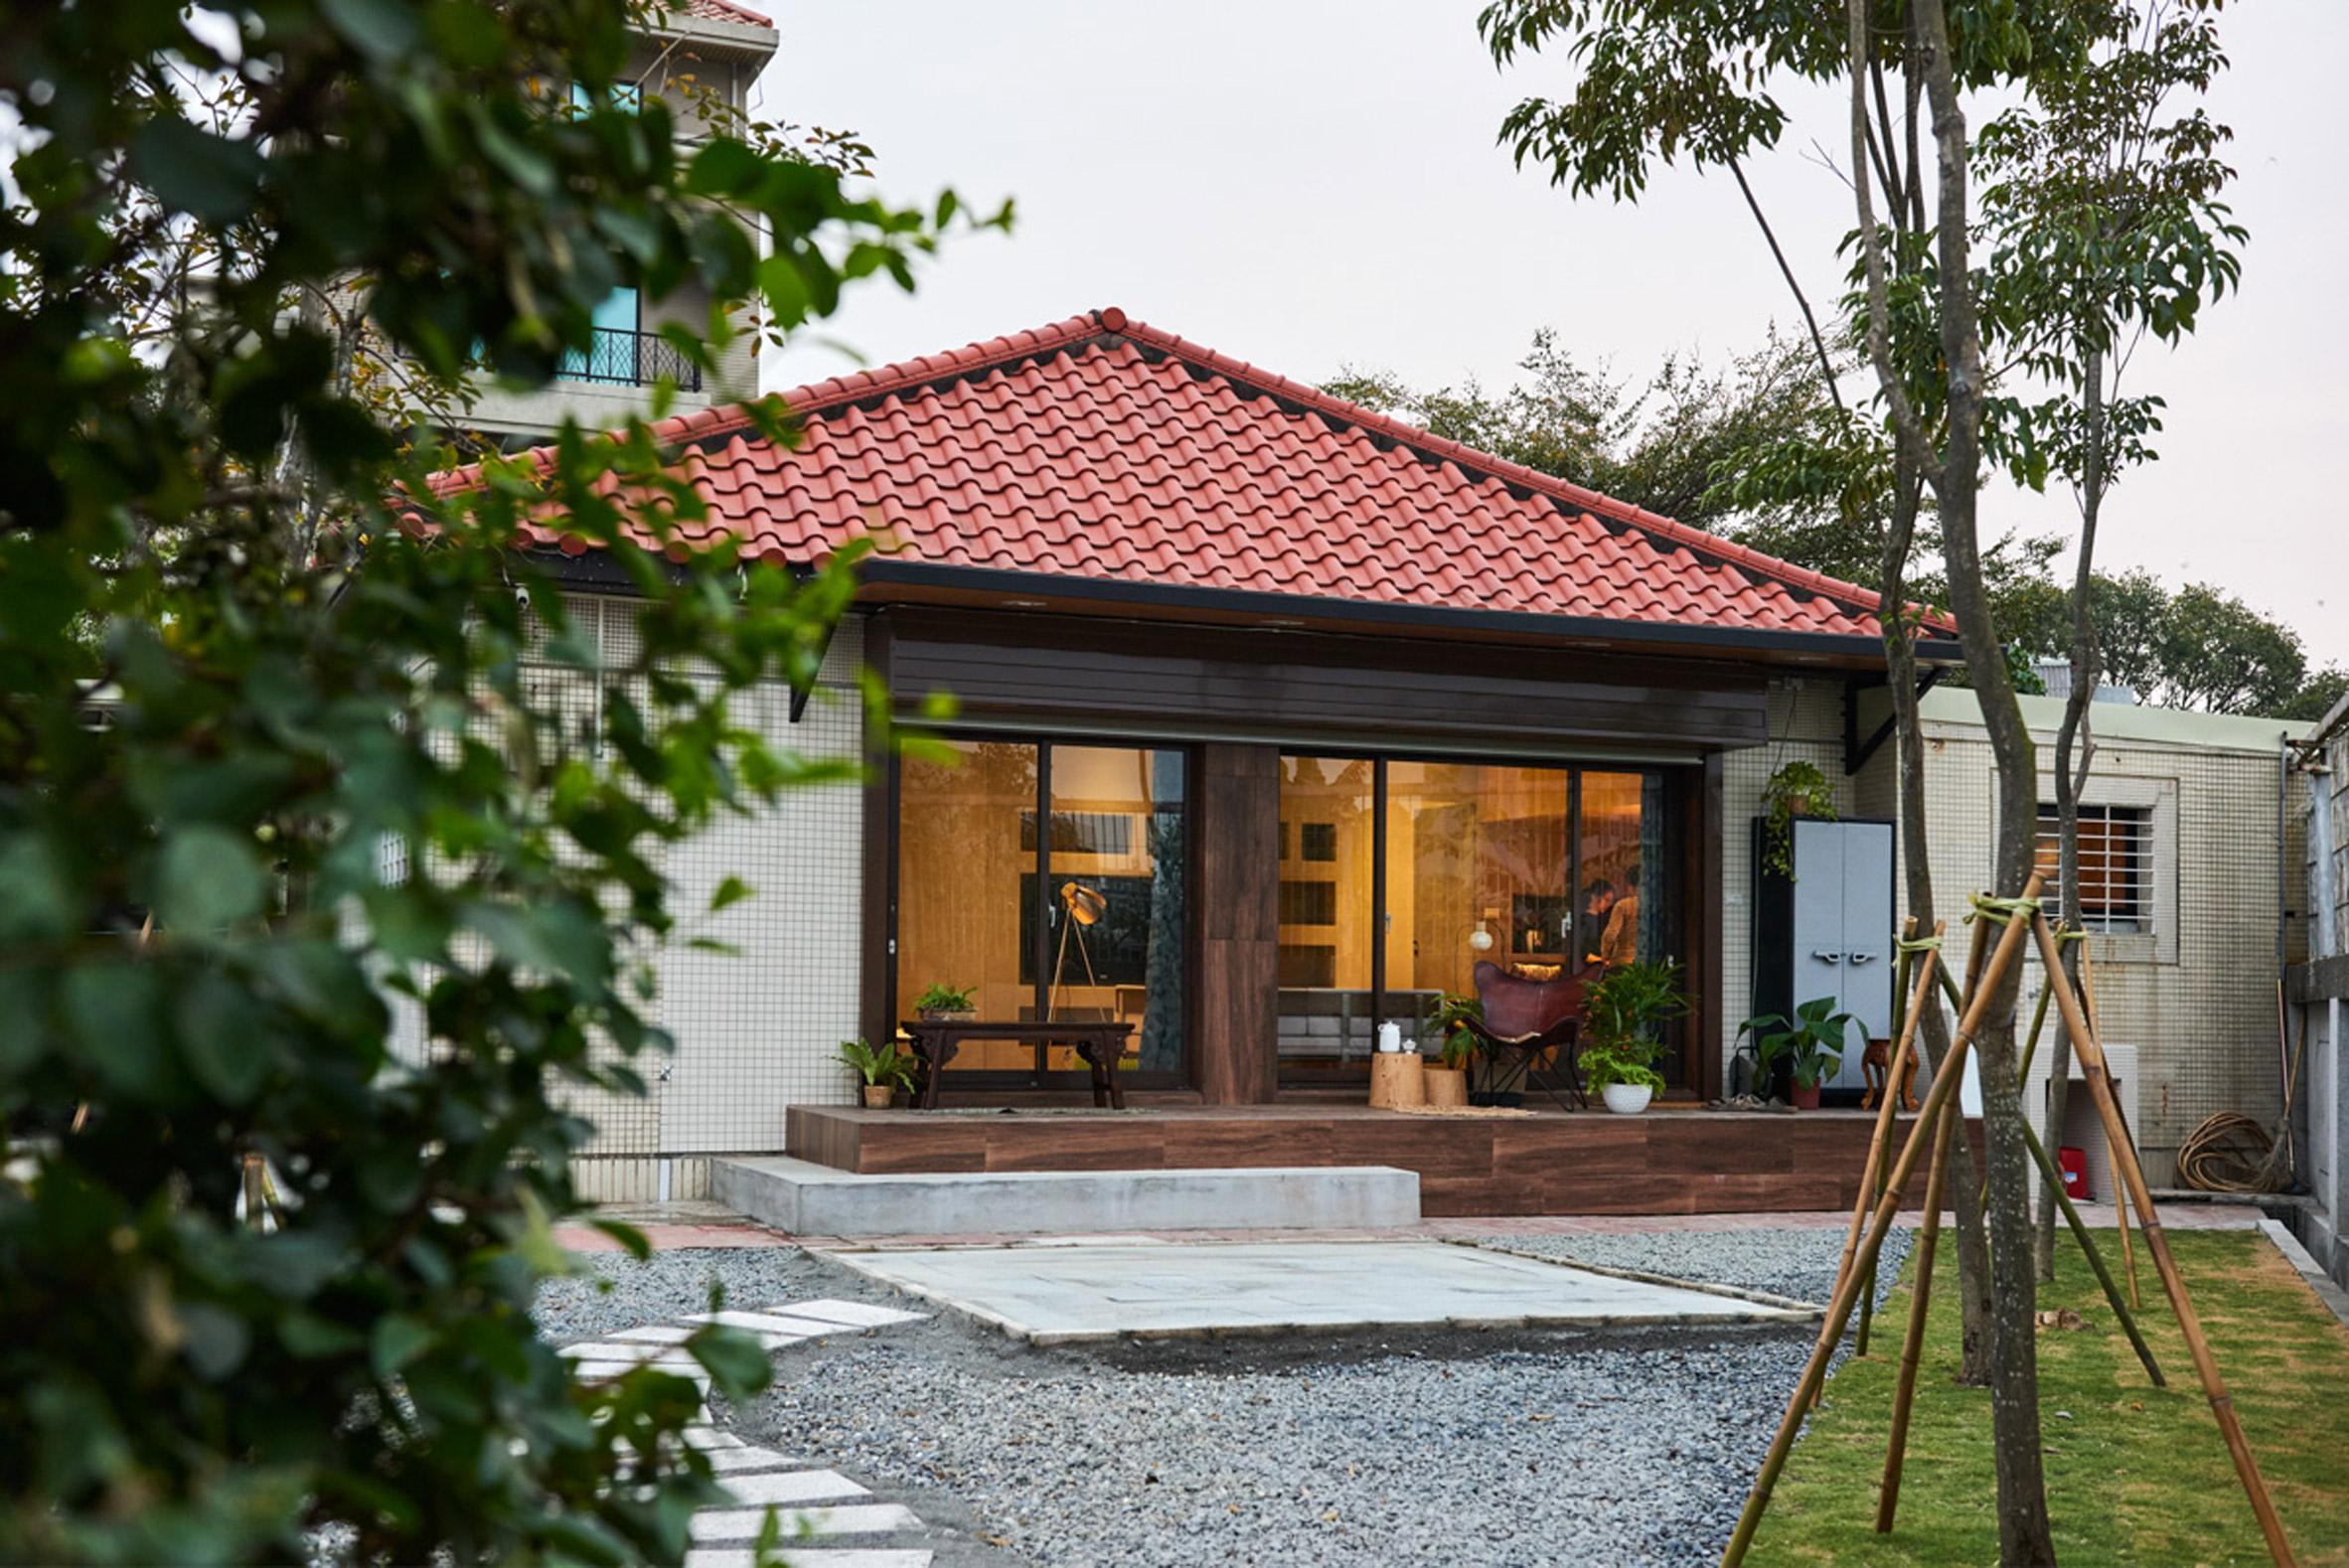 Cải tạo ngôi nhà ở Đài Loan với điểm nhấn vào khu vườn đẹp mê mẩn - Ảnh 1.